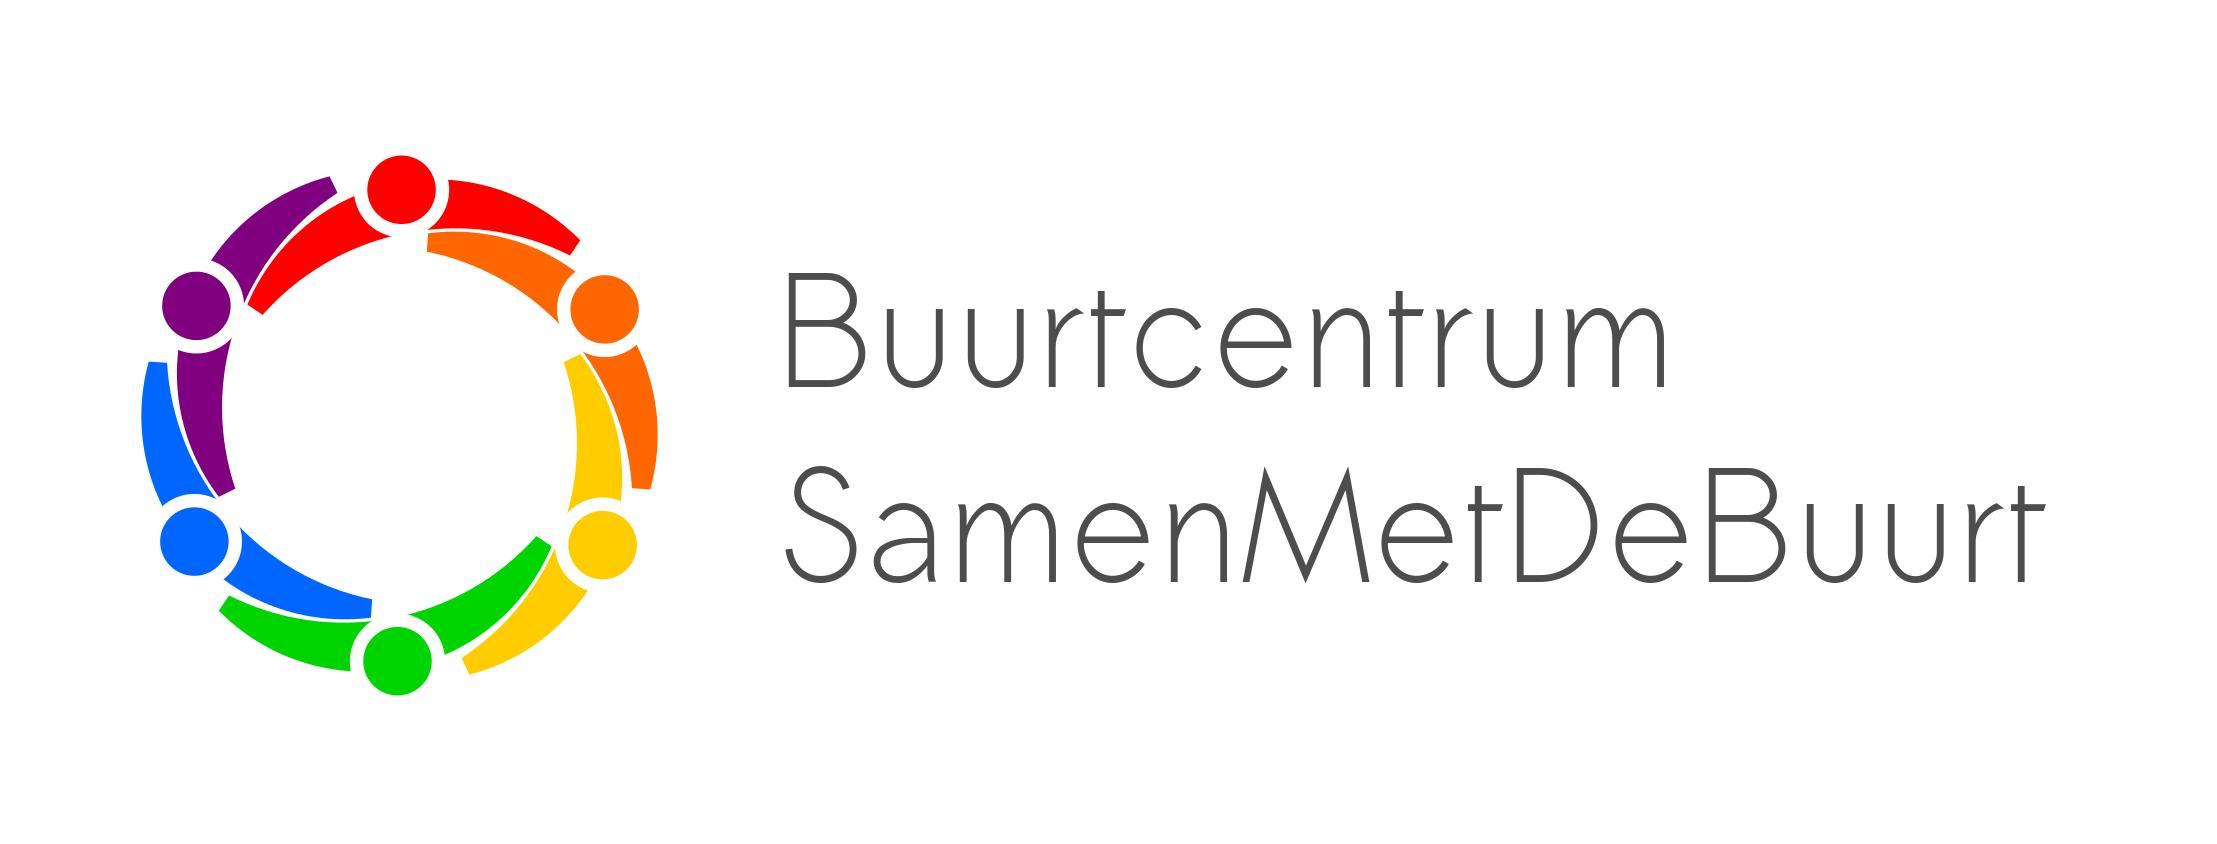 buurtcentrum SamenMetDeBuurt Haarlem Buurthuis wijkcentrum welzijn